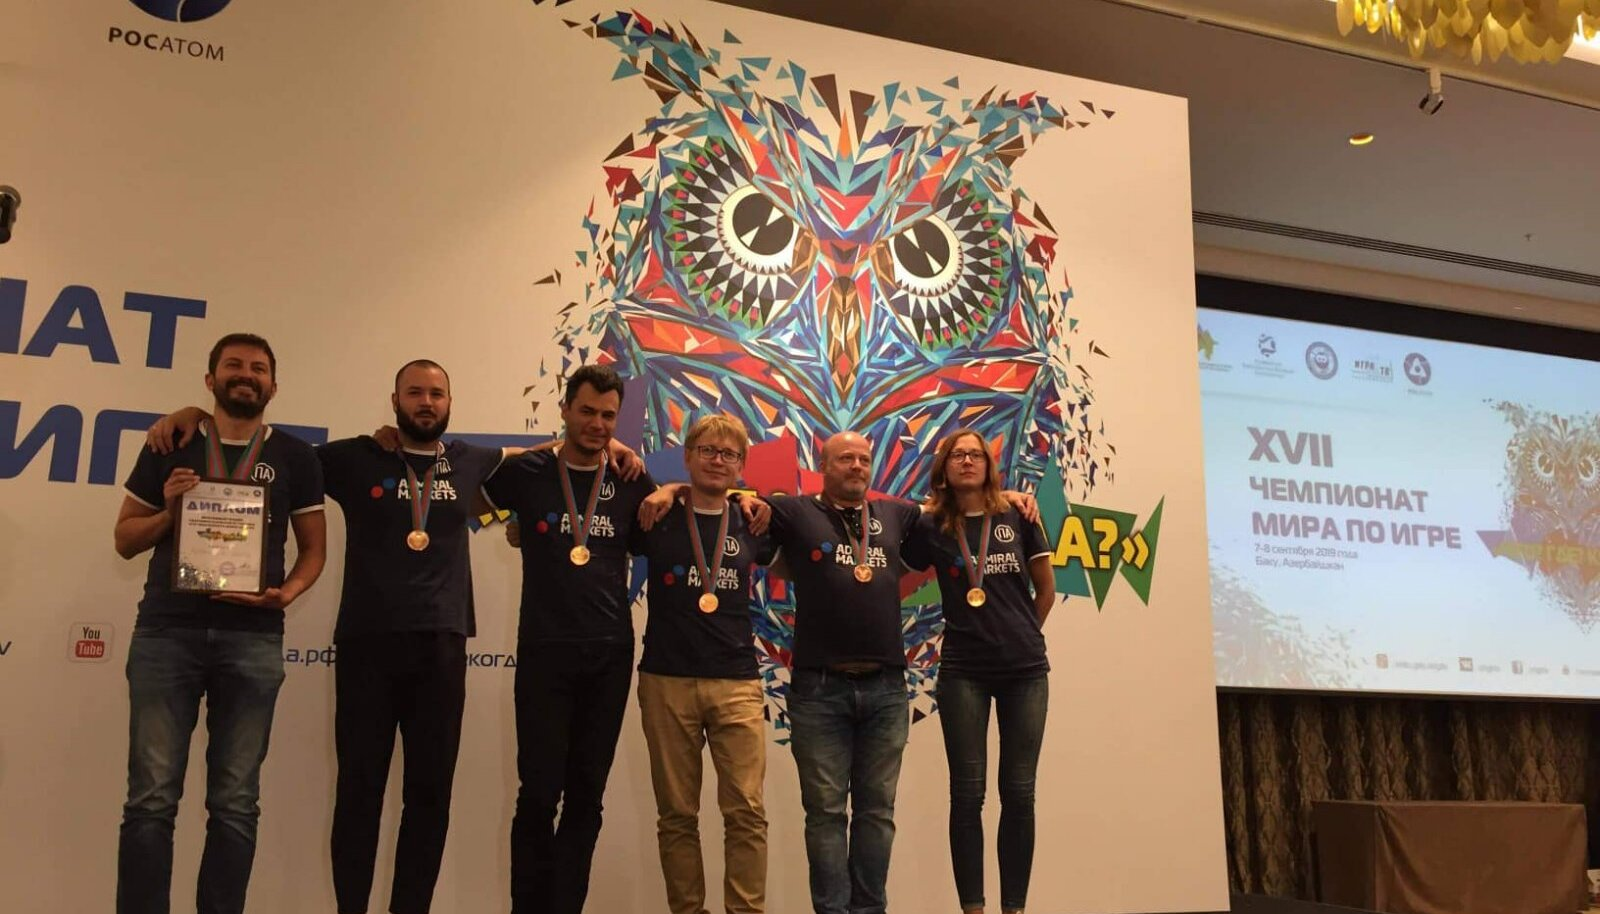 Команда Артемия Беляева с бронзовыми медалями чемпионата мира в группе C